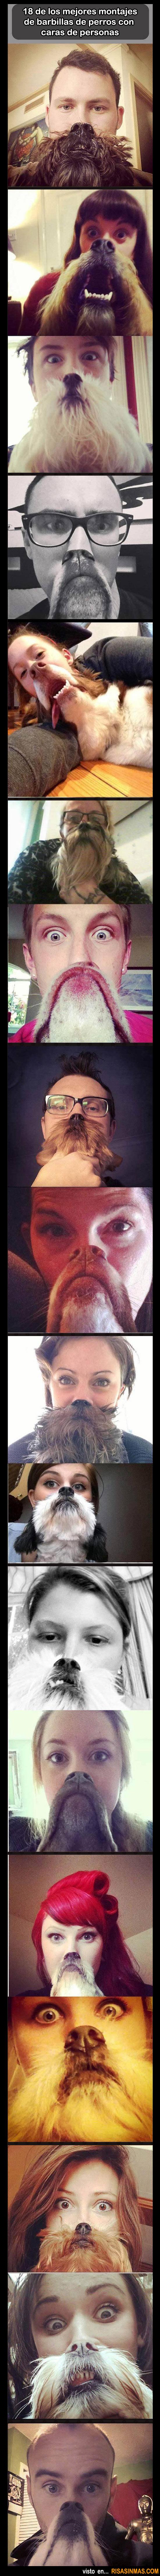 Caras de personas con barbillas de perros